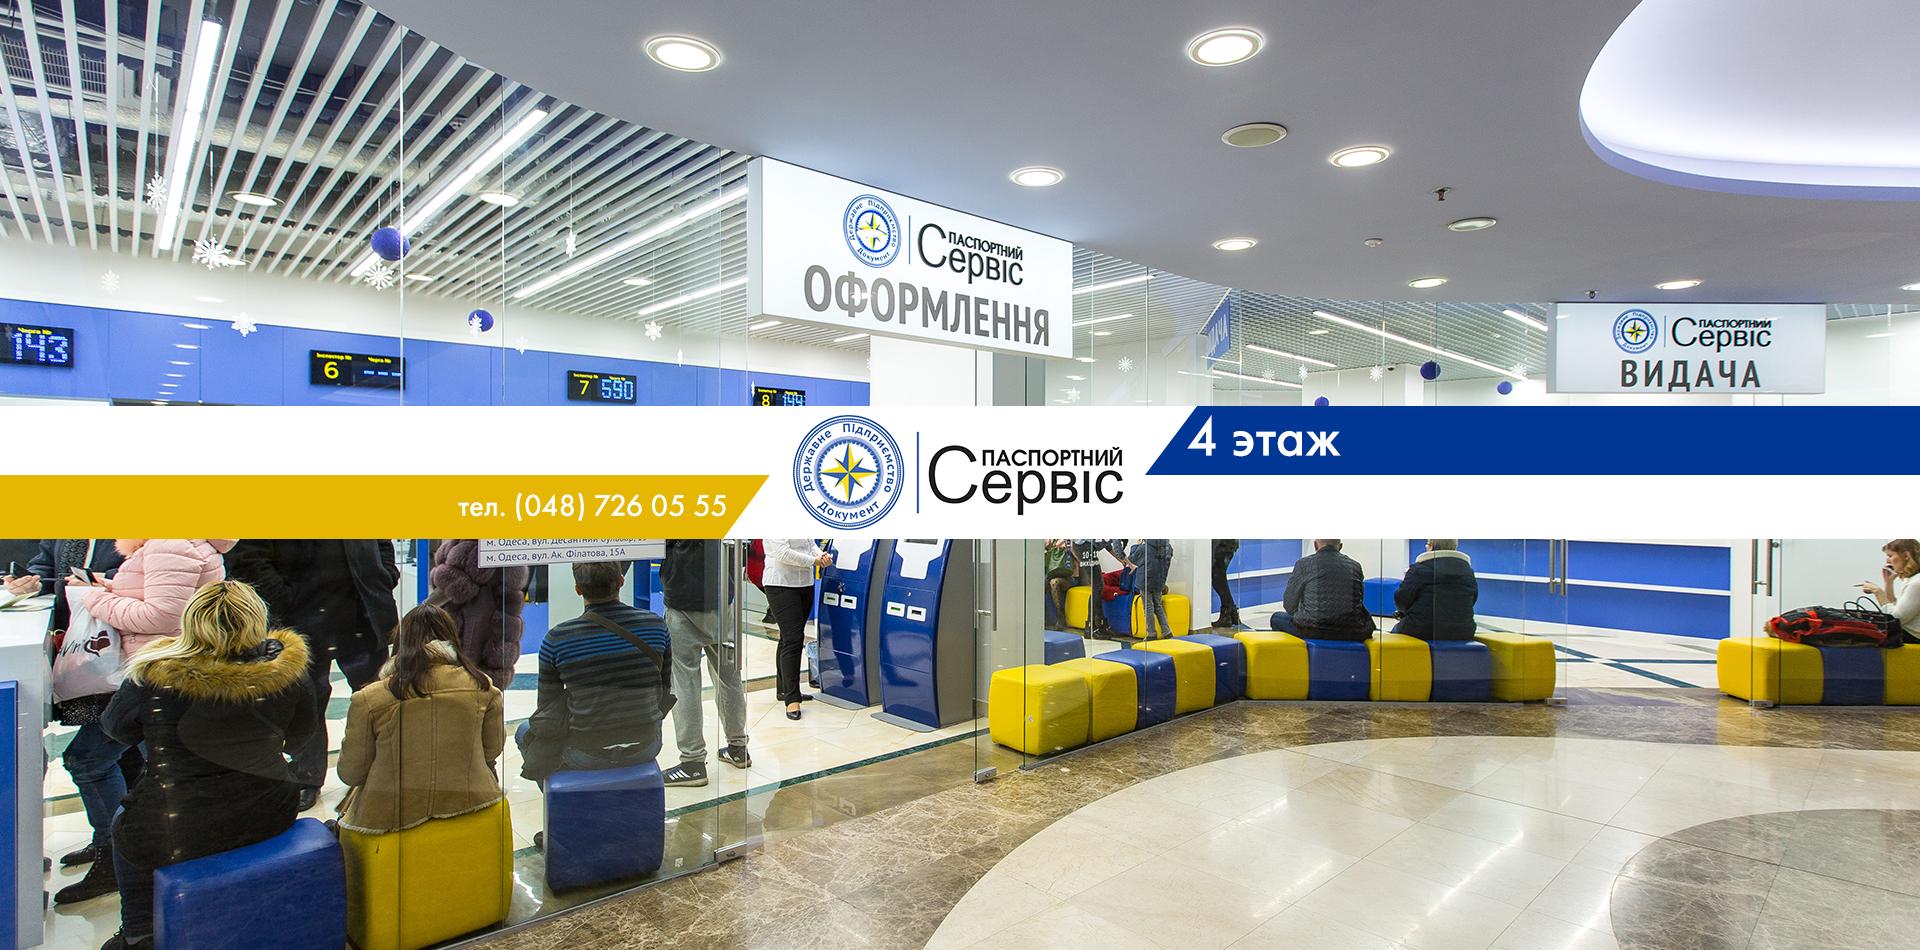 Паспортный сервис в торговом центре Kadorr!